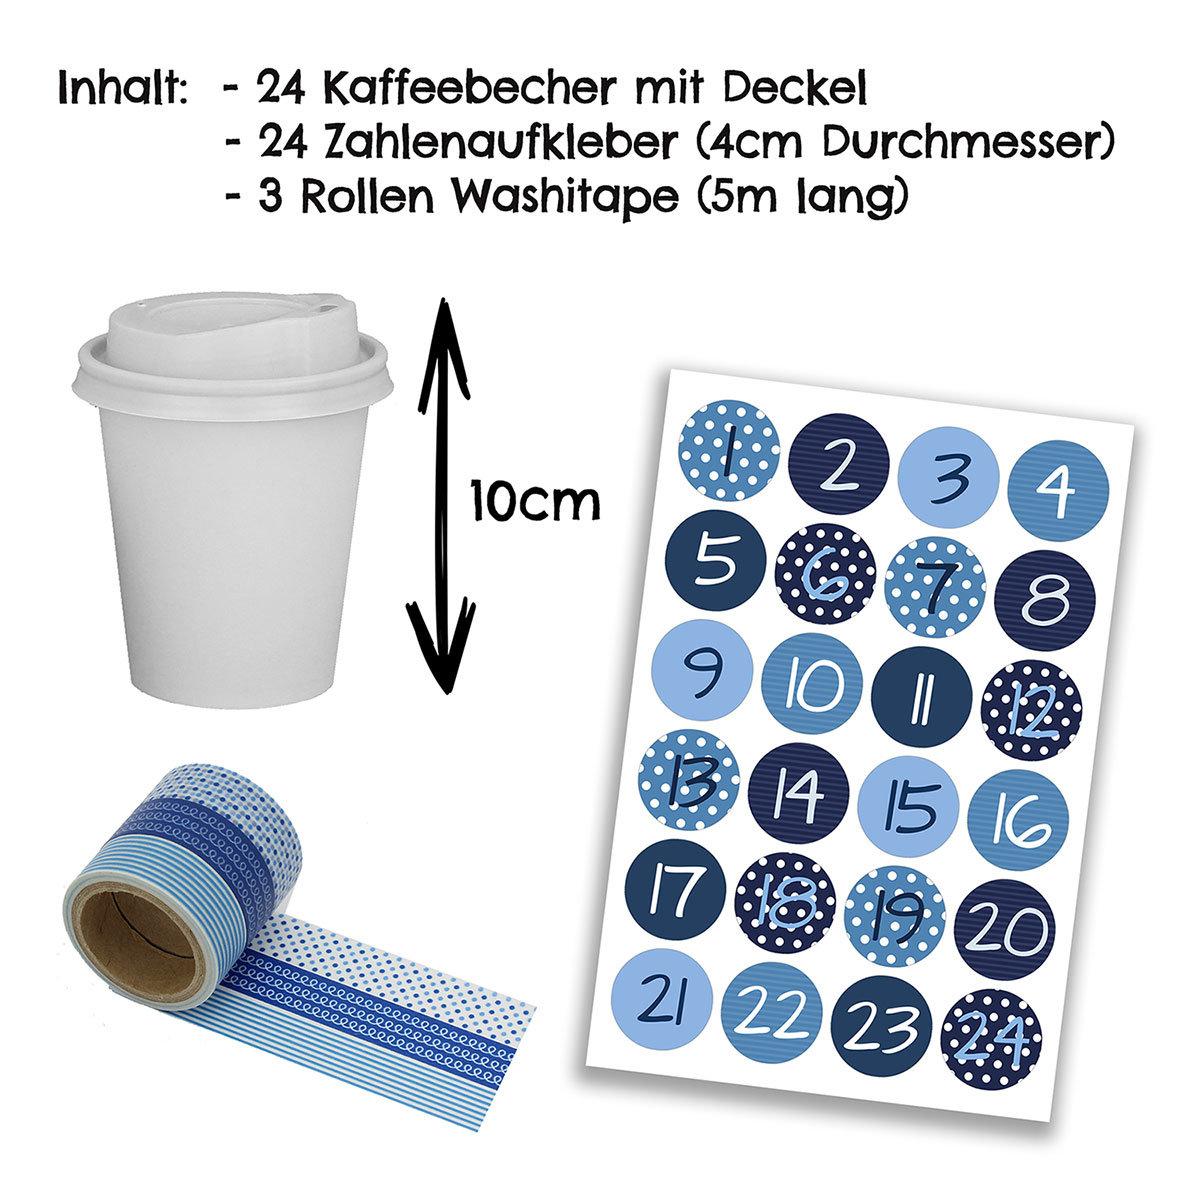 diy adventskalender kaffee becher zum selber basteln und bef llen mit blauem washi tape 24. Black Bedroom Furniture Sets. Home Design Ideas